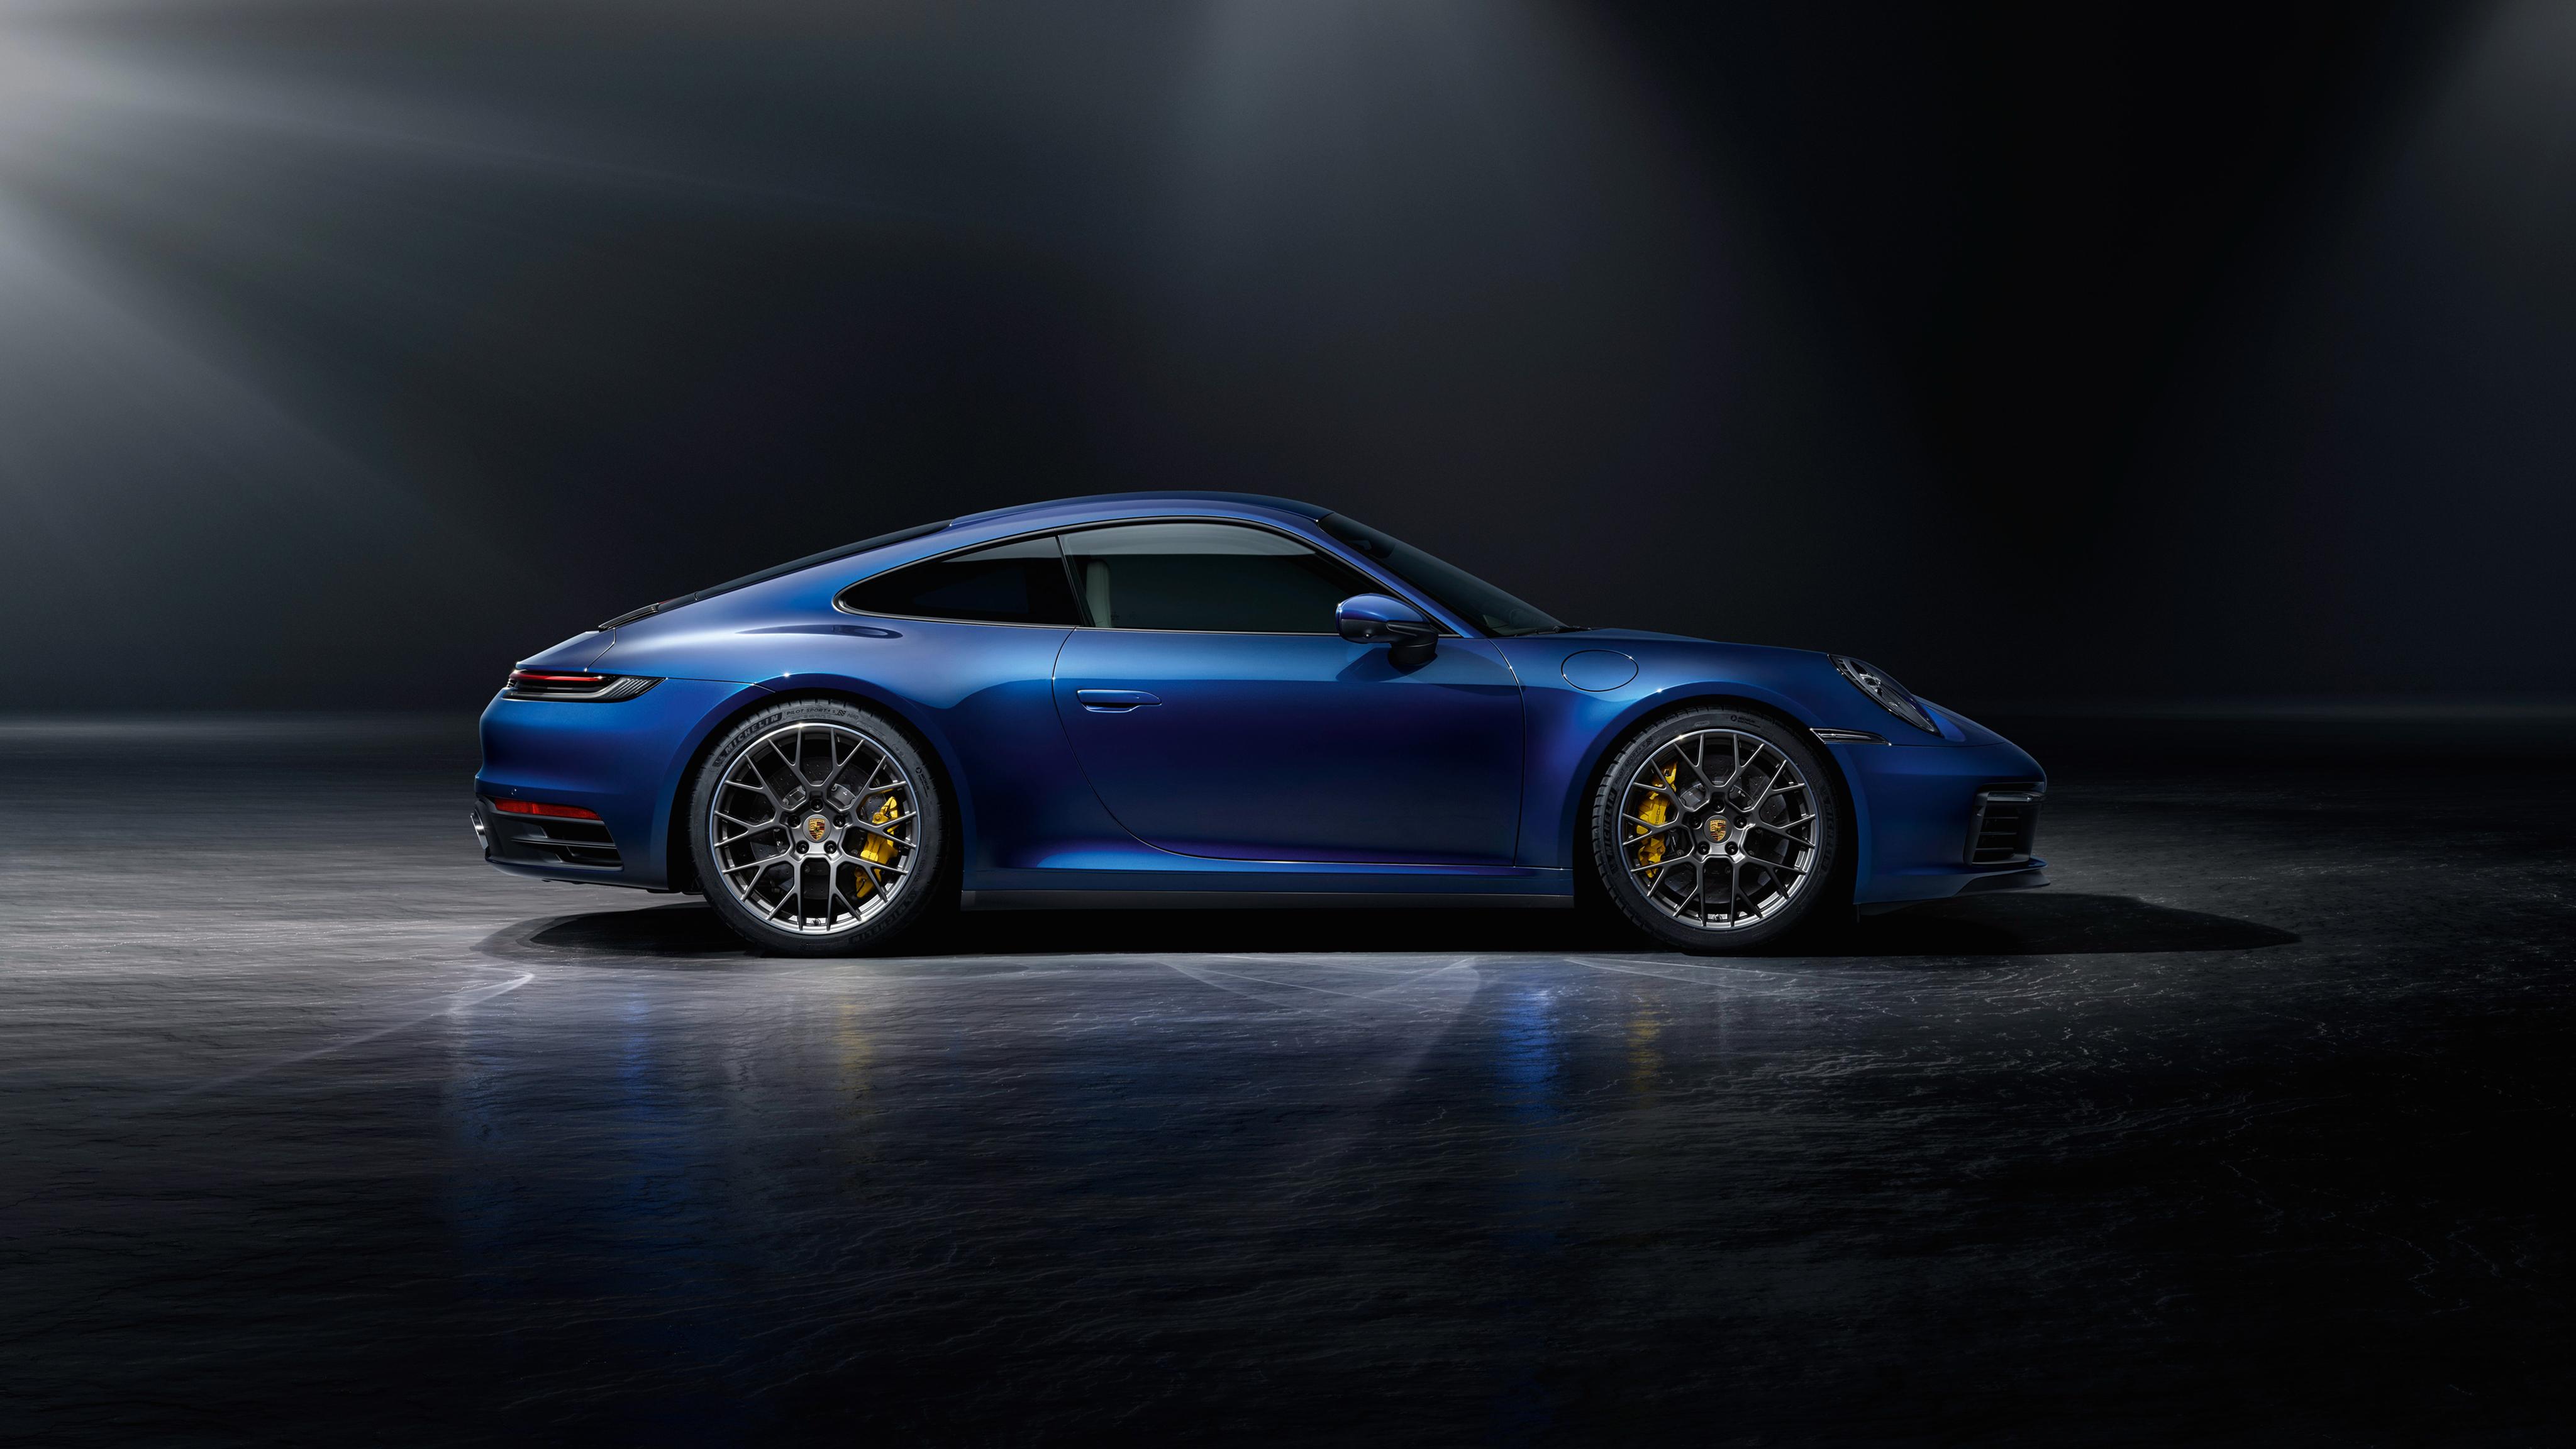 4k Porche Carrera Gt Wallpaper: Porsche 911 Carrera 4S 2019 4K 8 Wallpaper